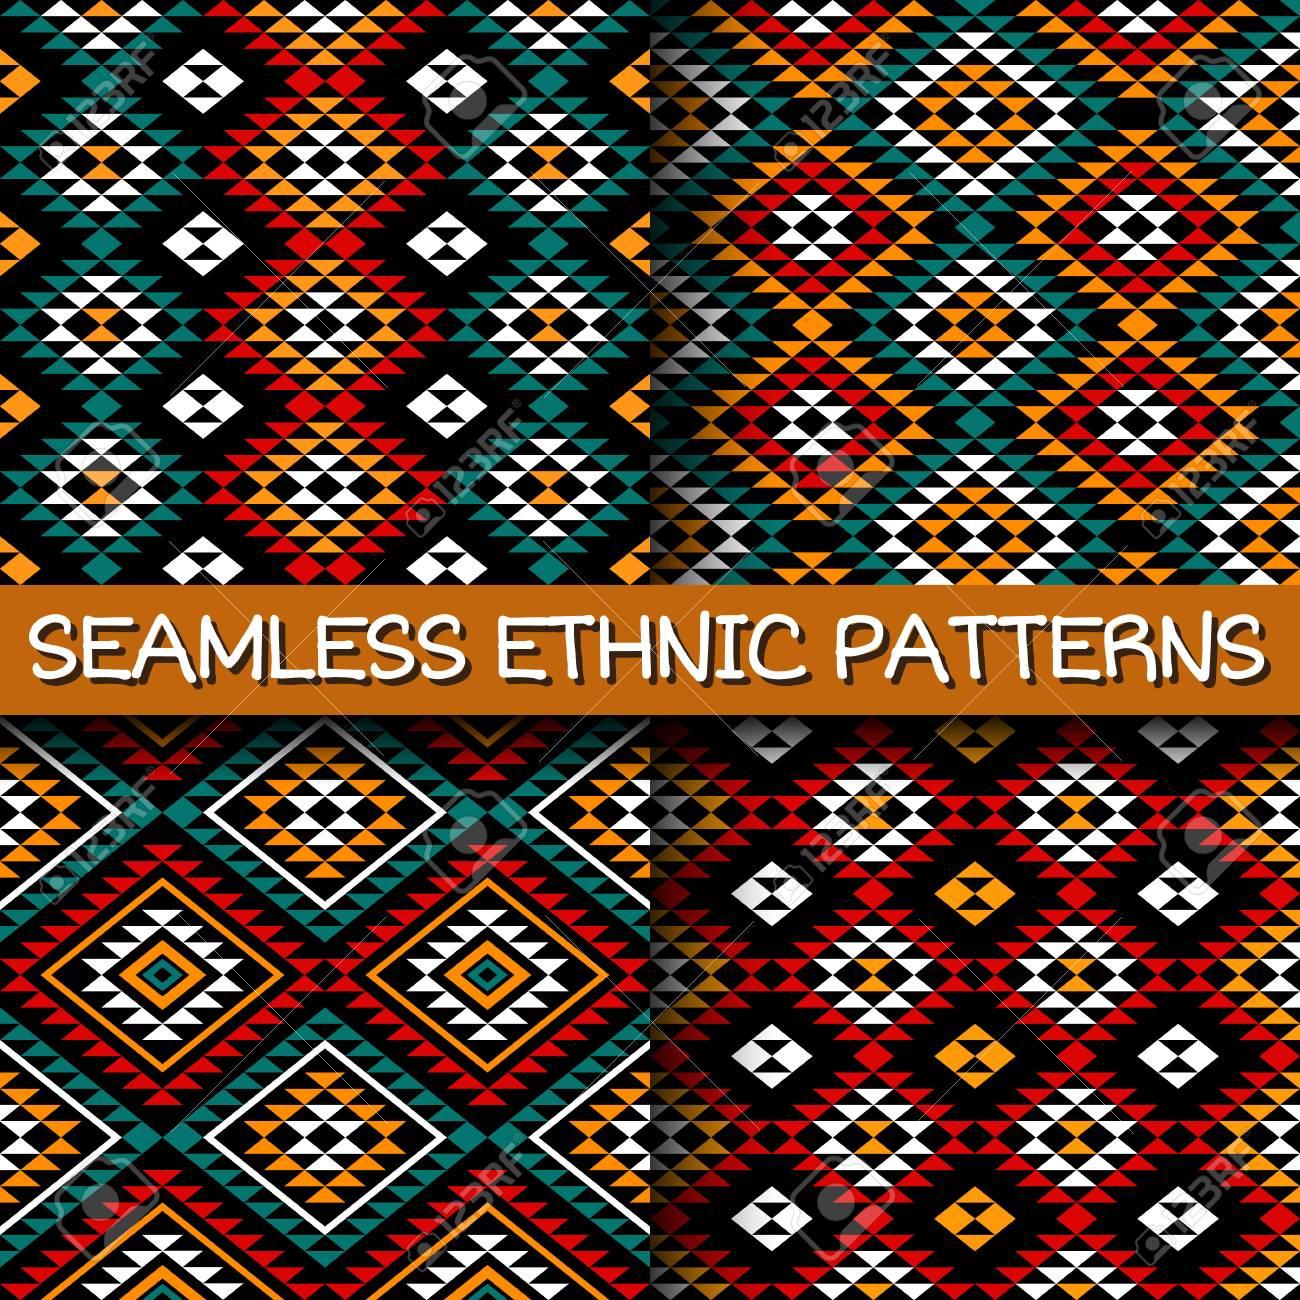 Le Style Ethnique ensemble de modèles sans couture dans le style ethnique. abstrait